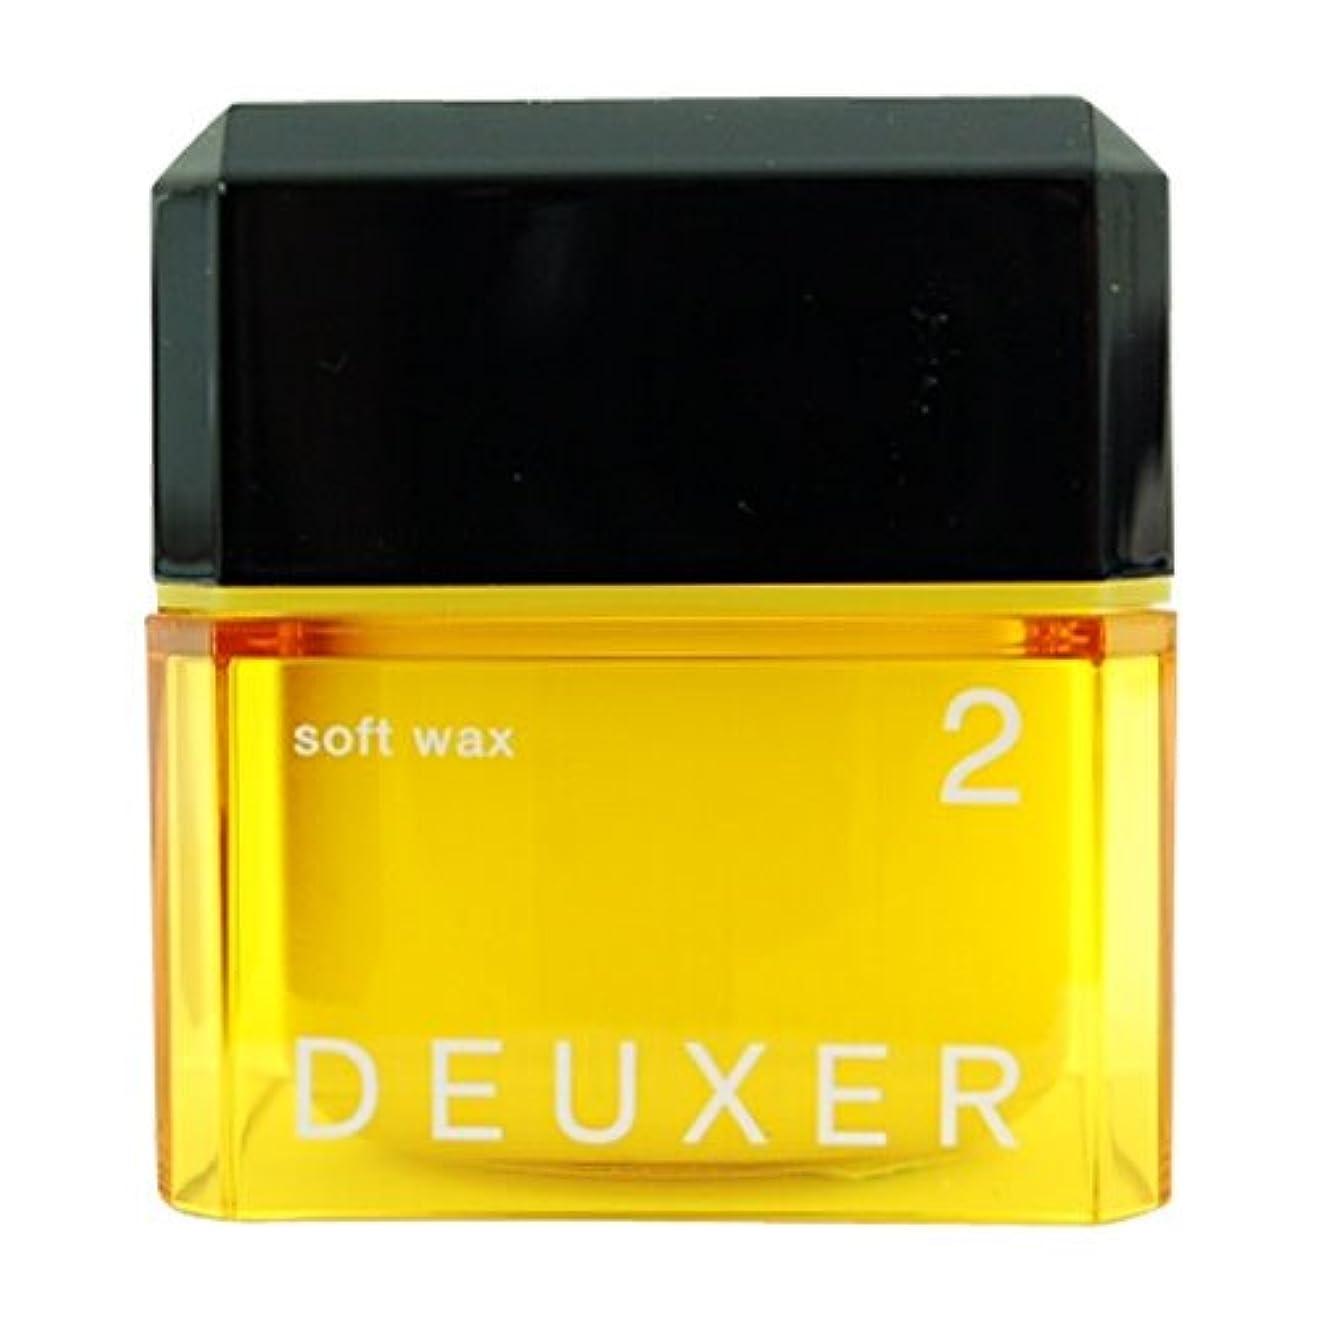 オーロックコンチネンタル道を作るナンバースリー DEUXER(デューサー) ソフトワックス 2 80g